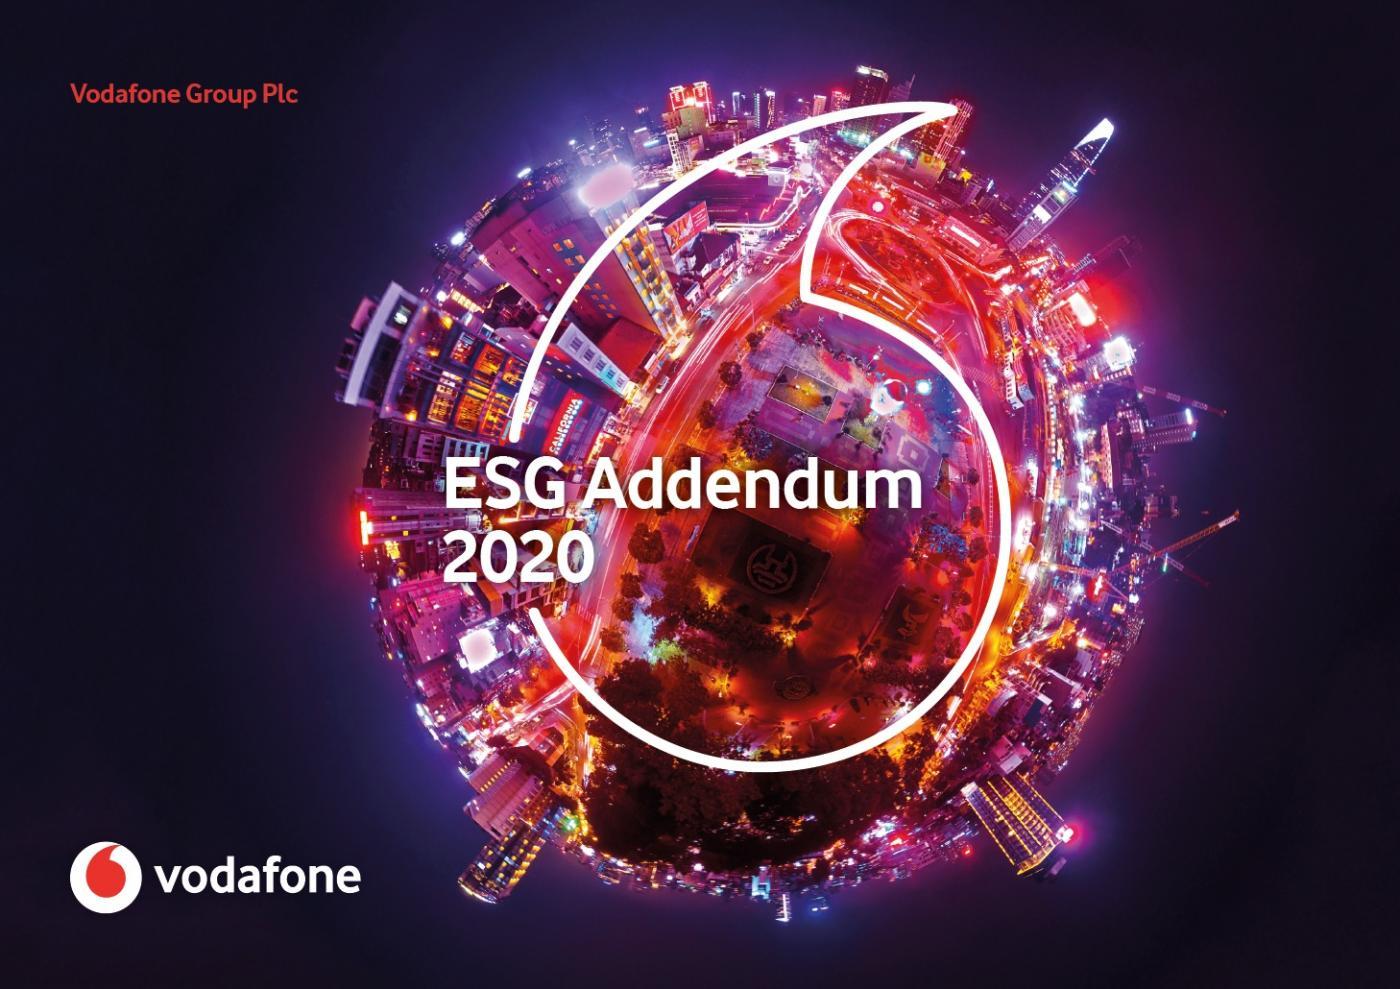 ESG Addendum 2020